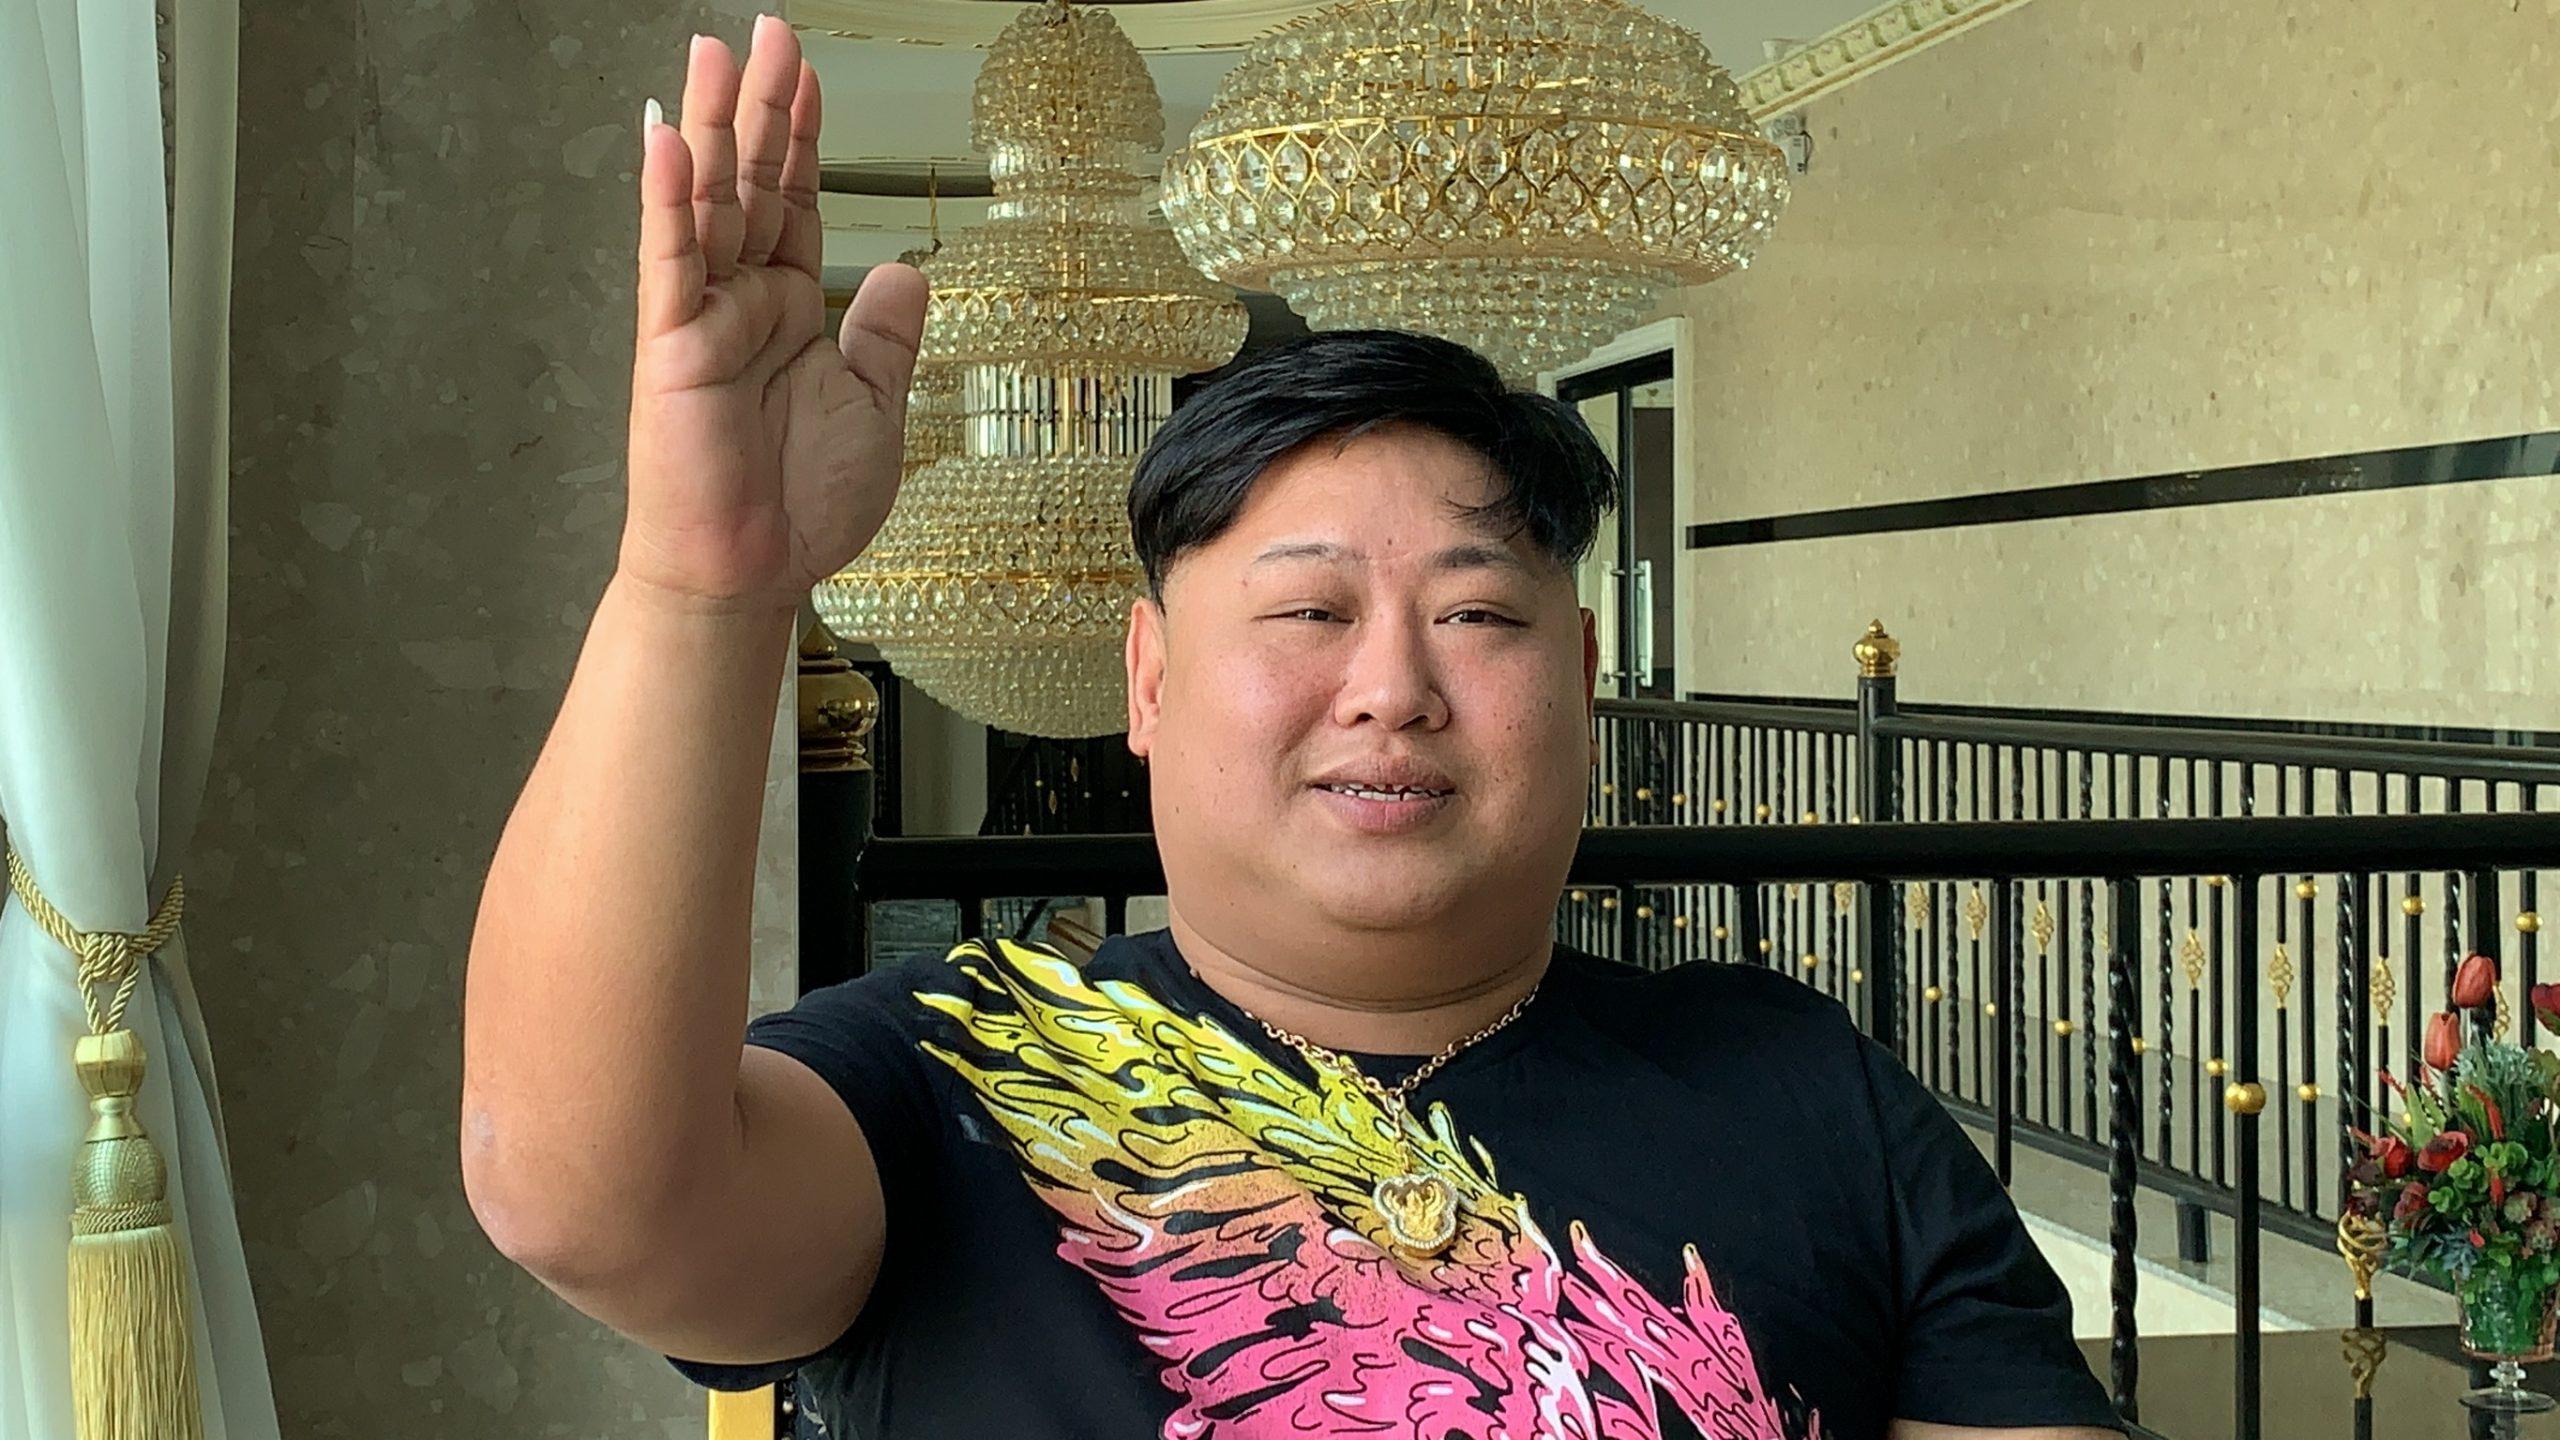 """เผยผลสำรวจจากช่องดังคนอยากควง""""คิม ไทยแลนด์""""เที่ยวสงกรานต์มากที่สุด !!"""